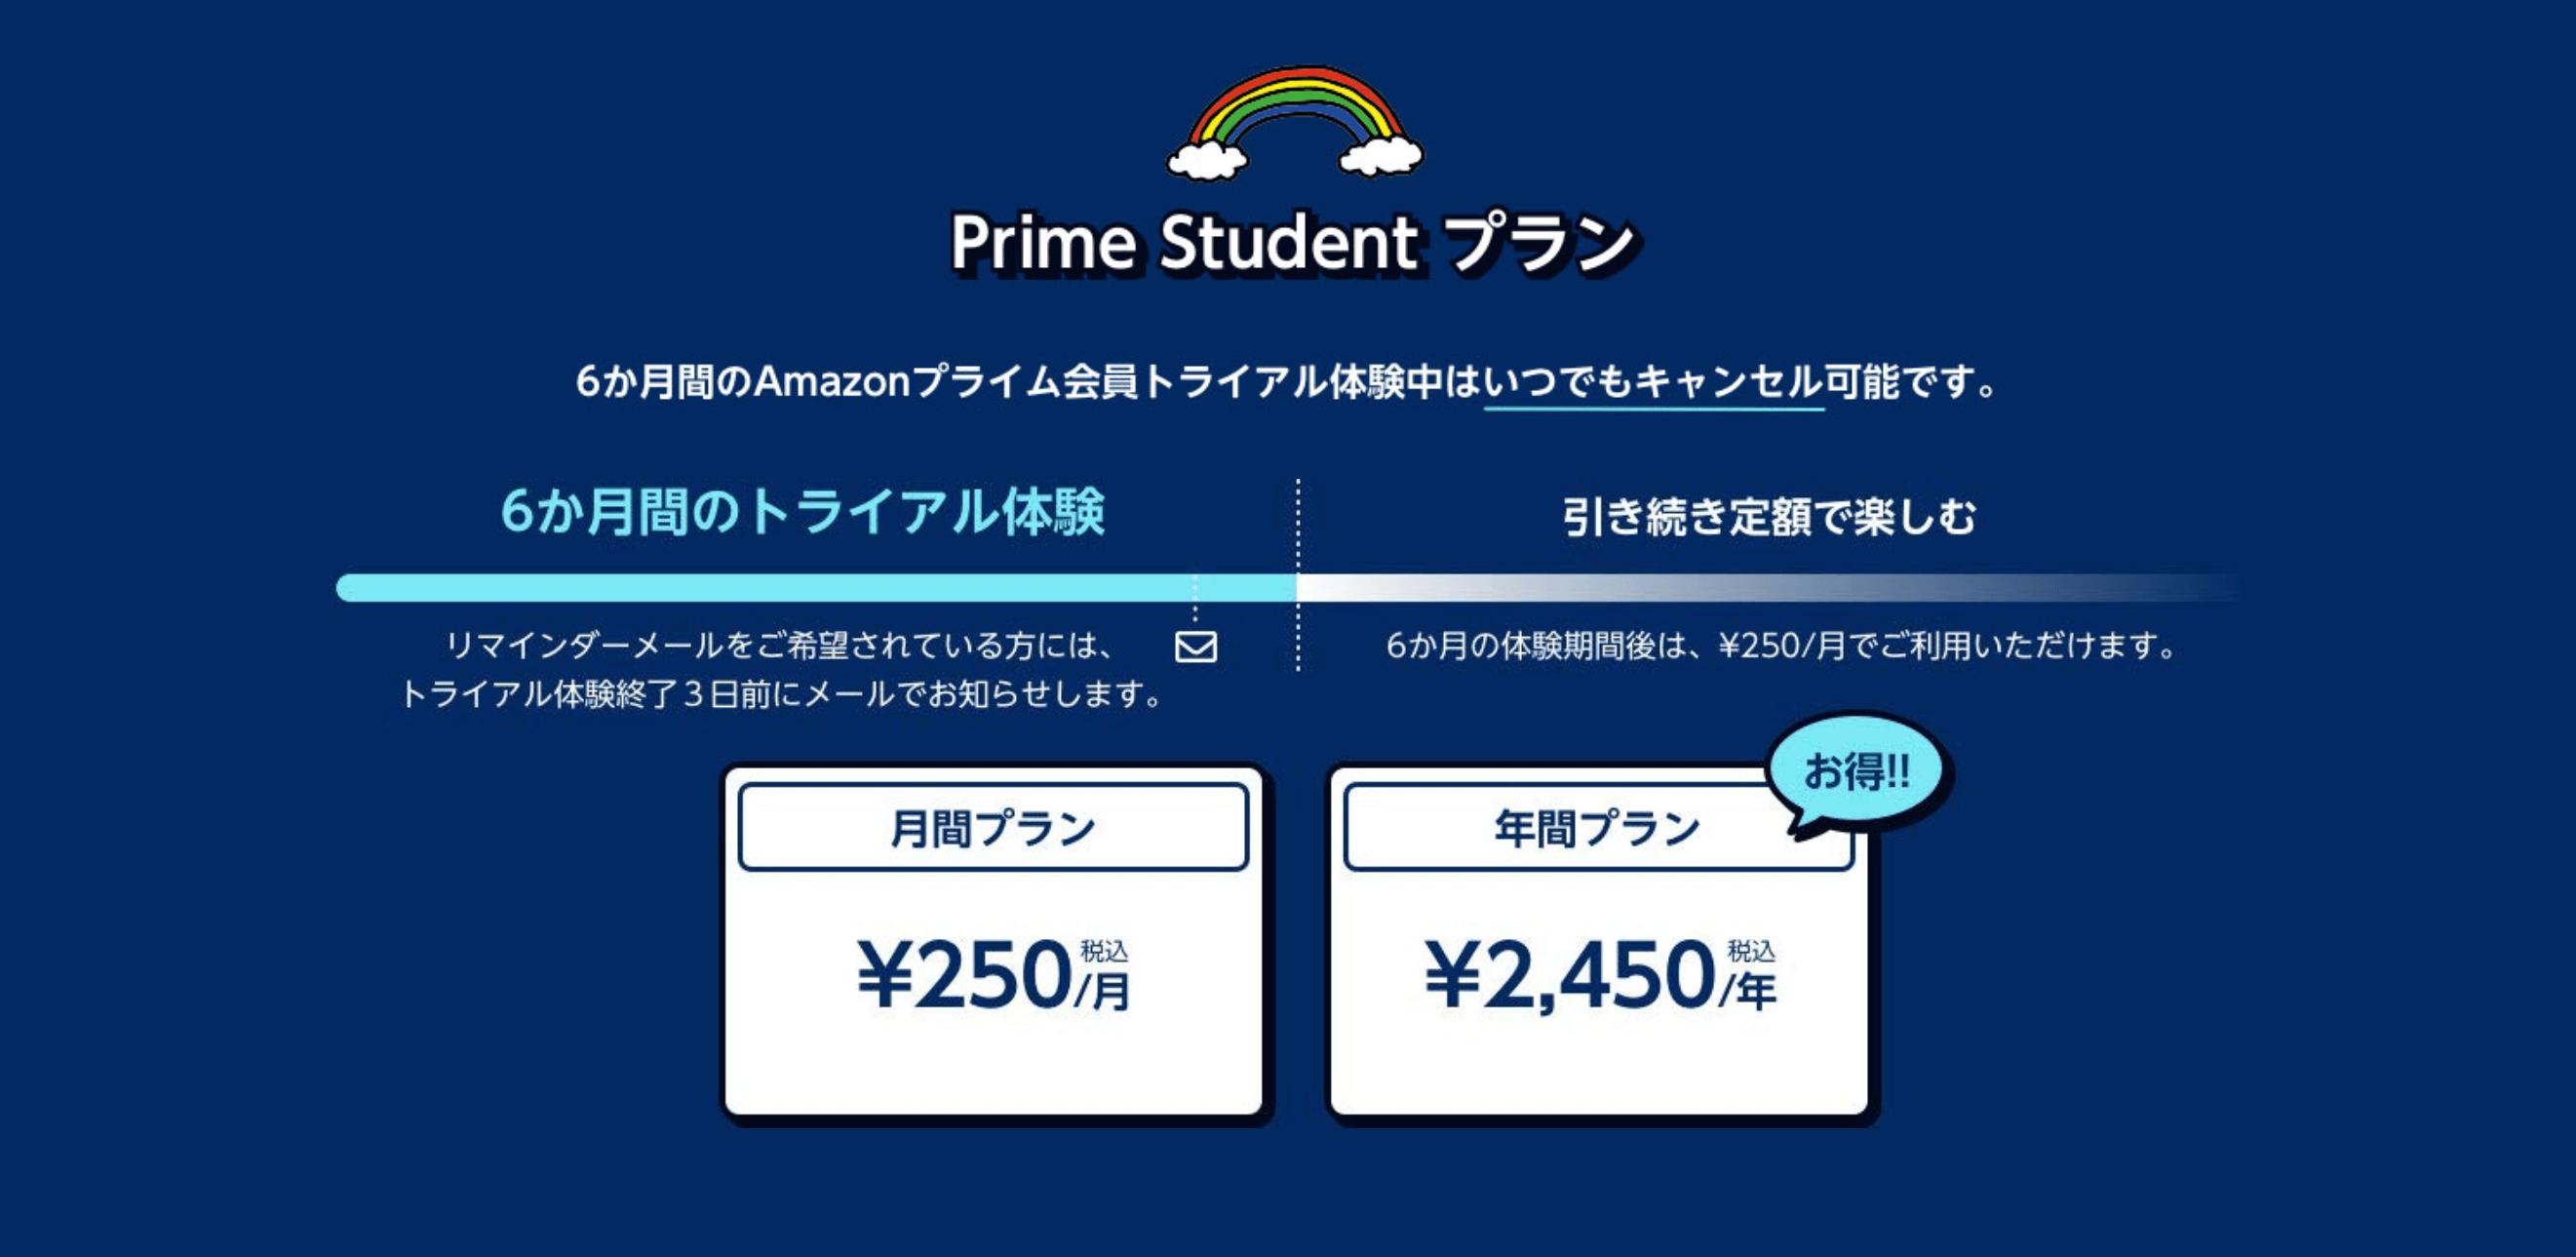 Amazonプライムの学生料金